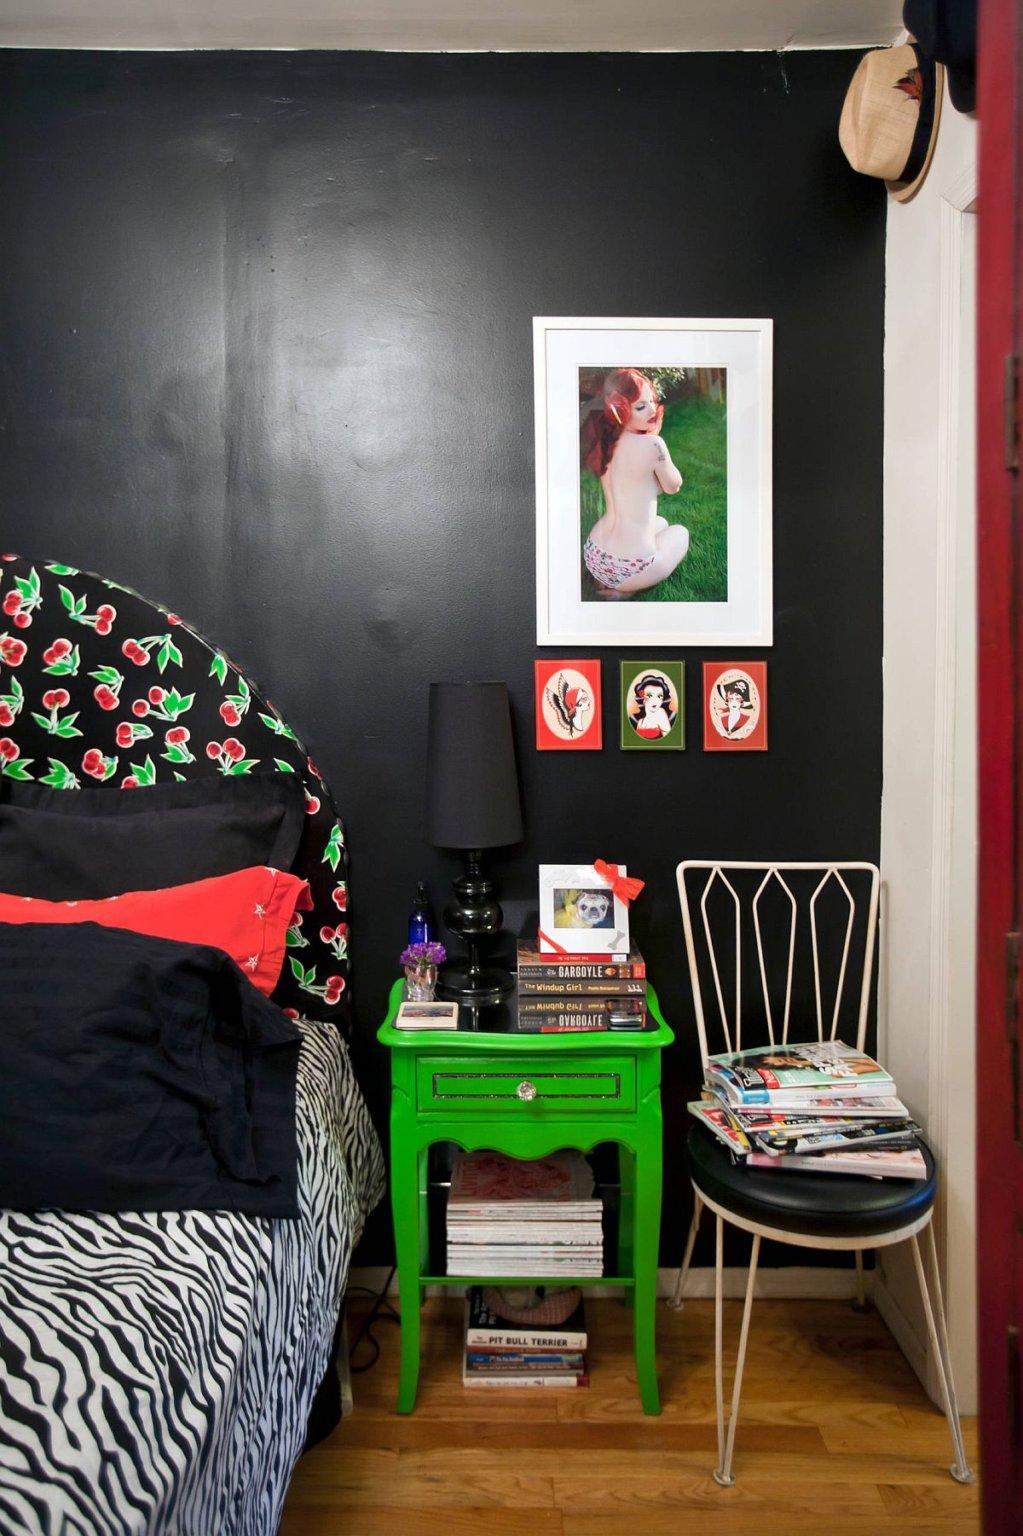 Hình ảnh một góc phòng ngủ với tông màu đen tuyền, ga gối họa tiết ngựa vằn bắt mắt